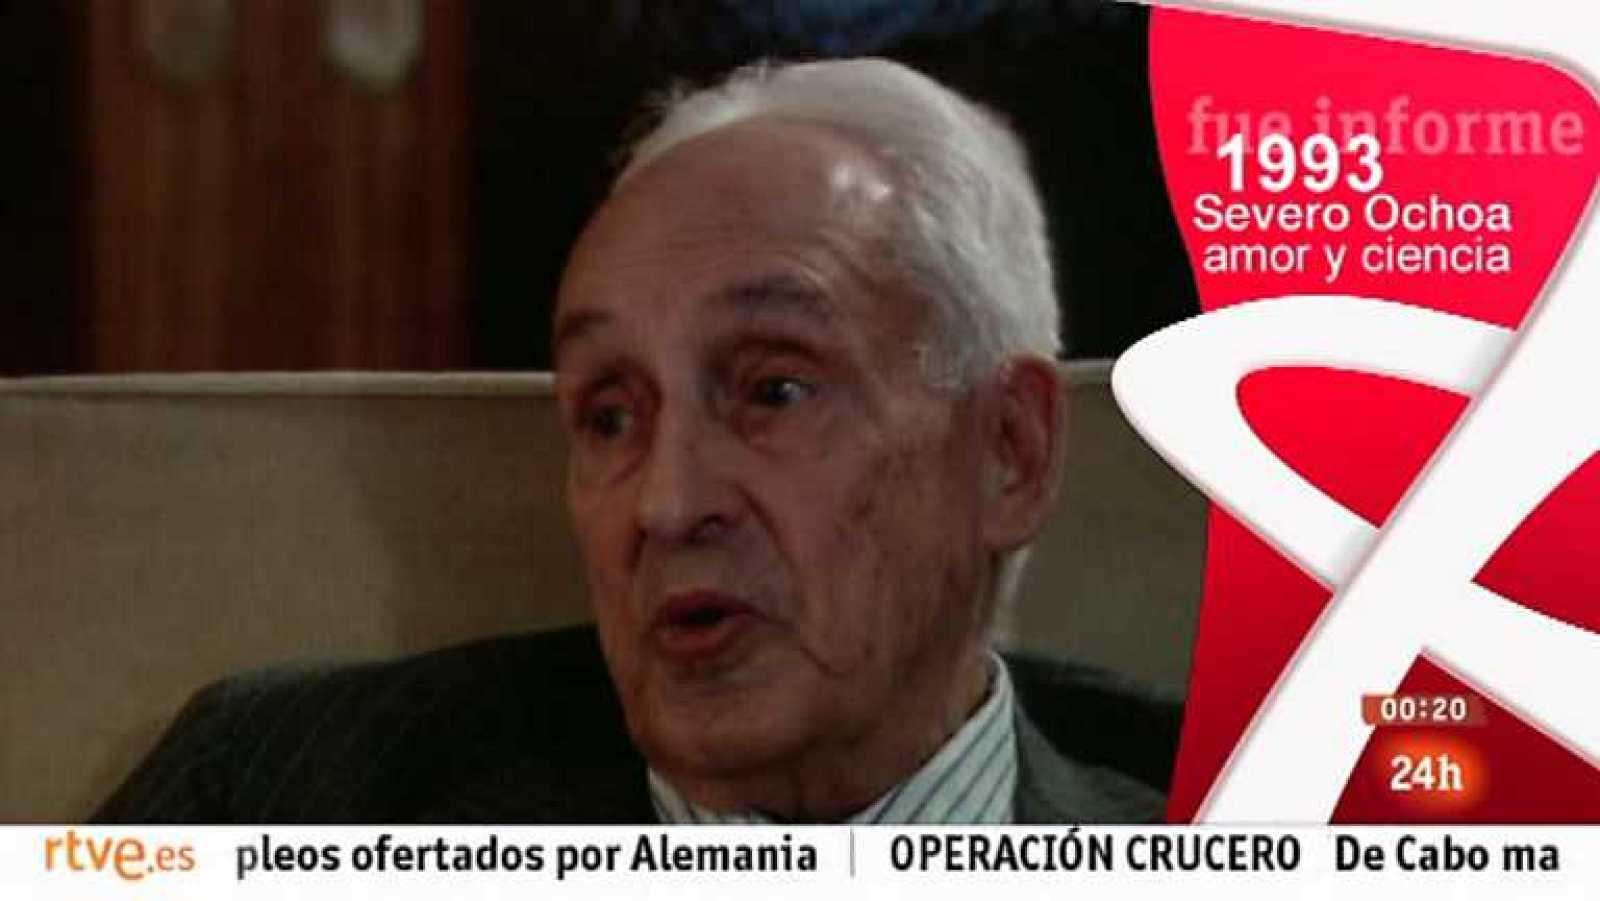 Fue Informe - Severo Ochoa, amor y ciencia (1993) - Ver ahora